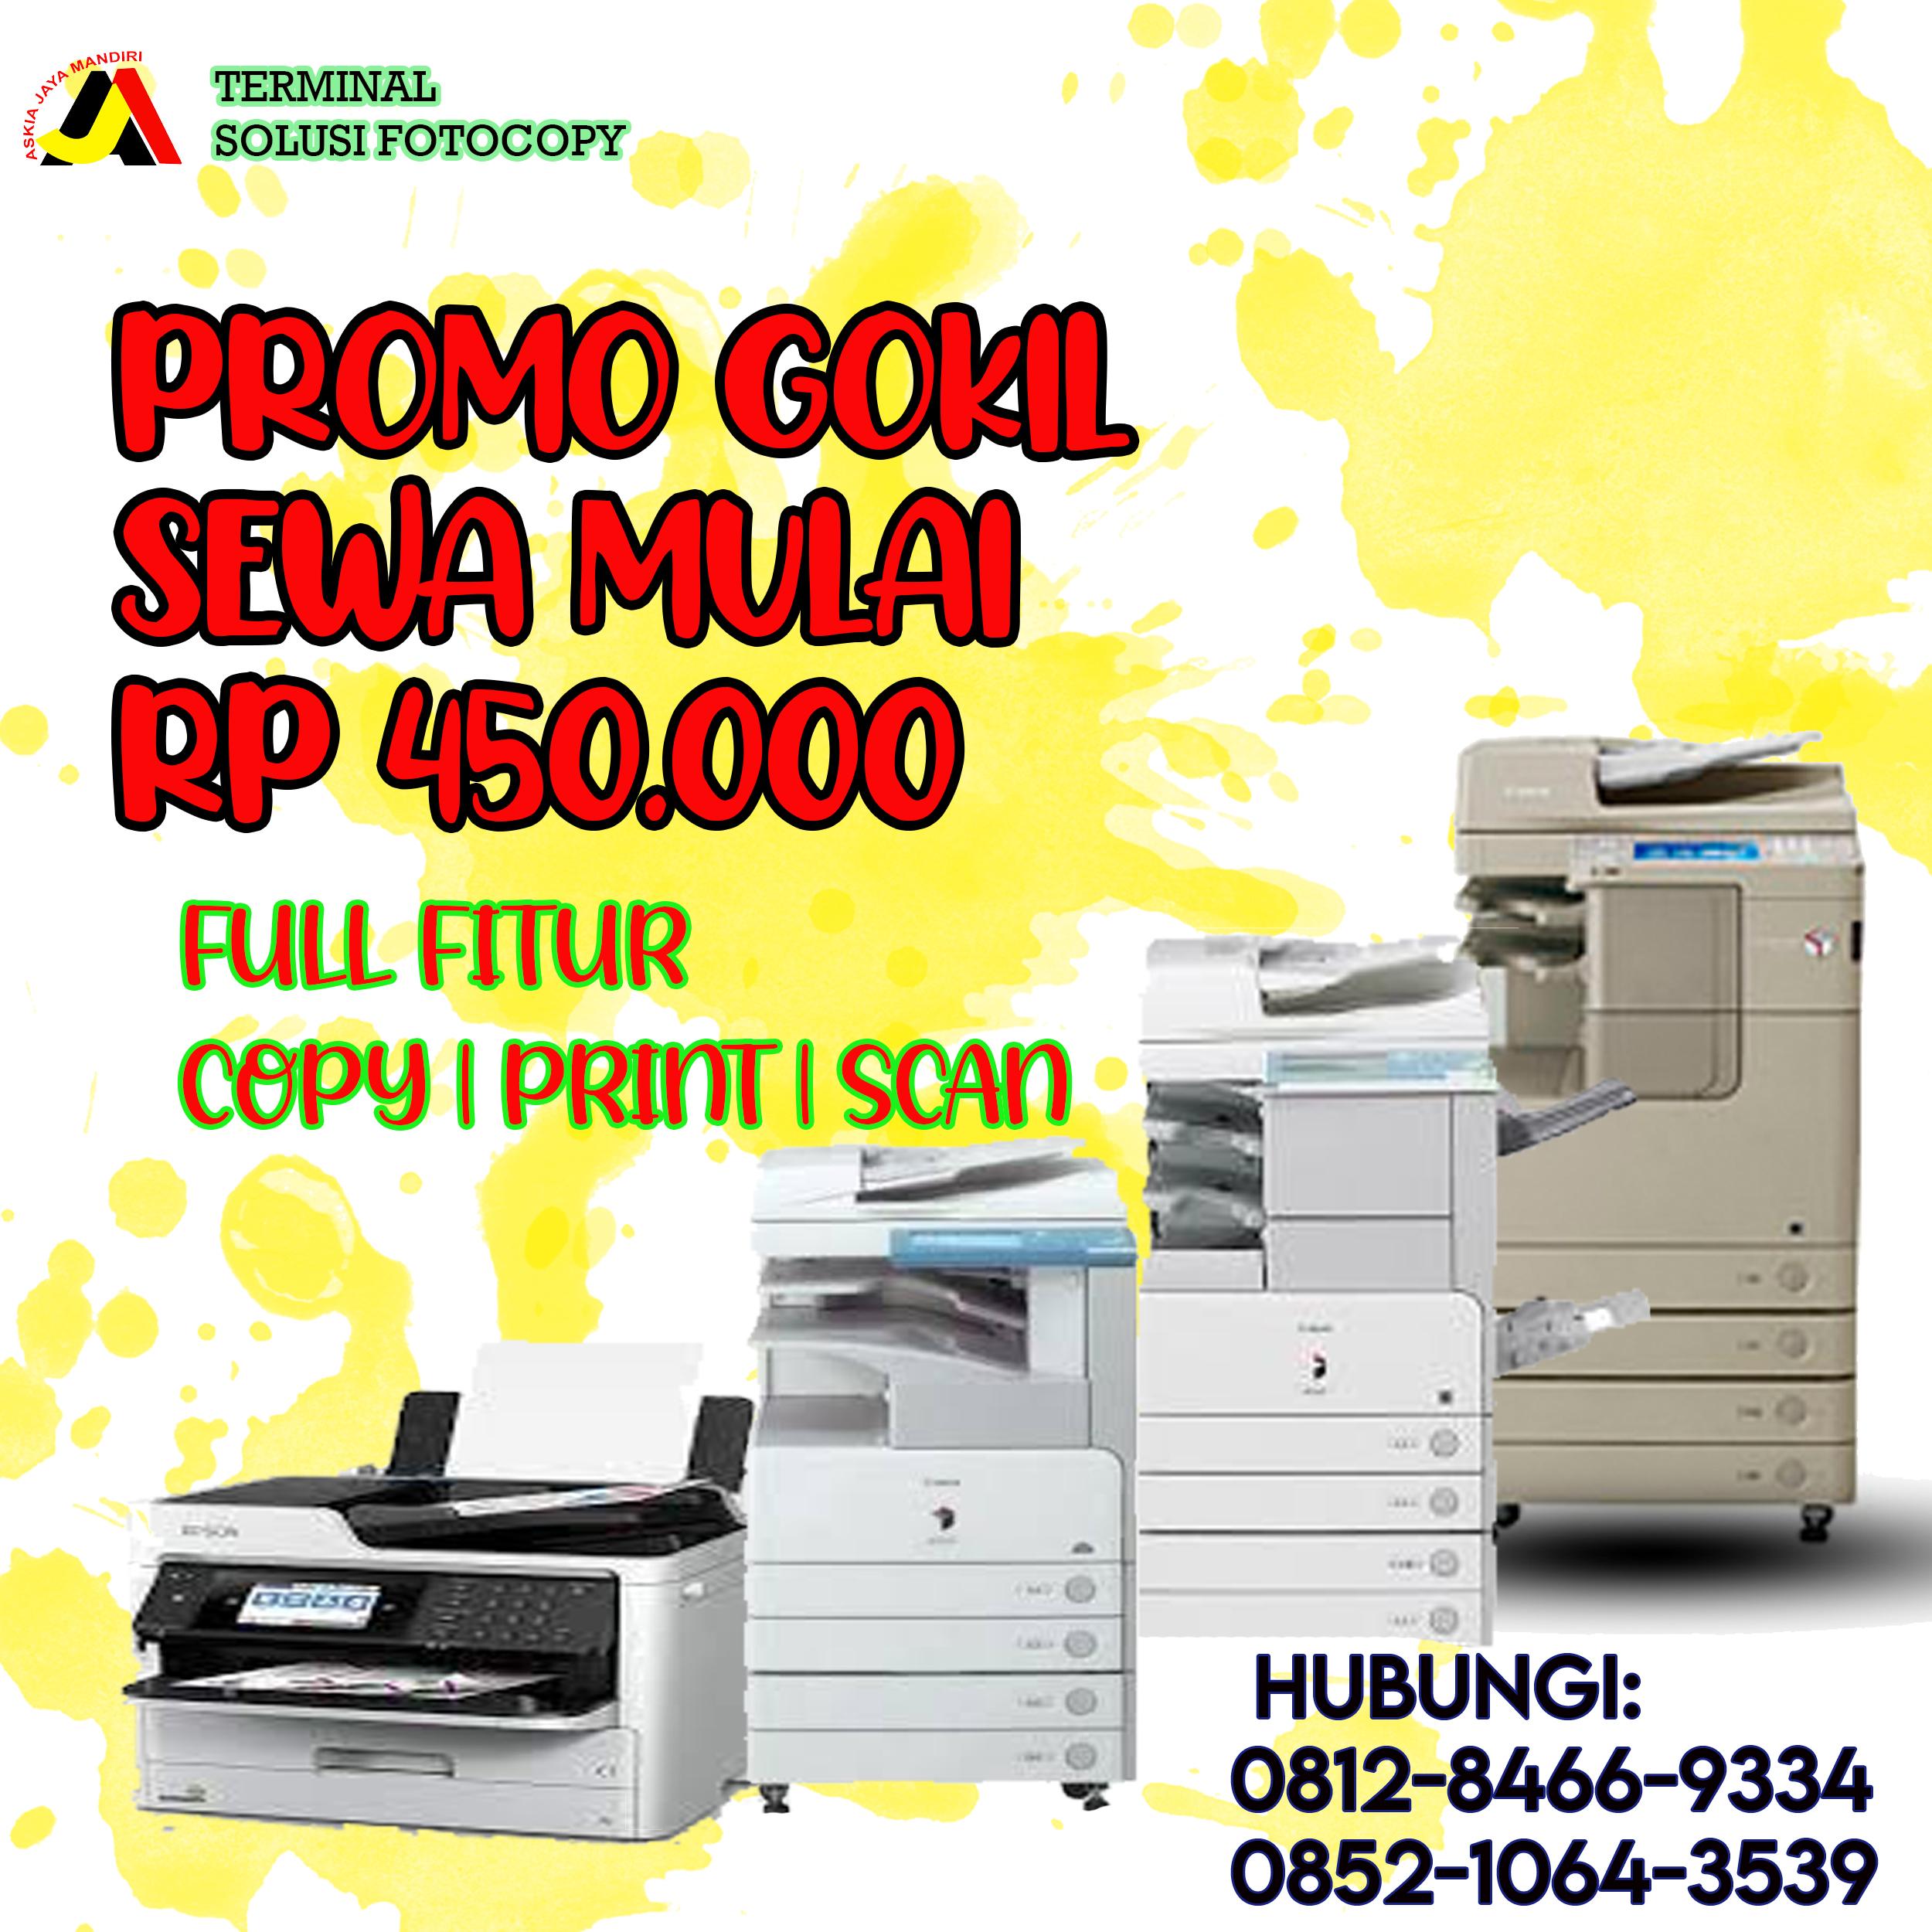 sewa mesin fotocopy murah